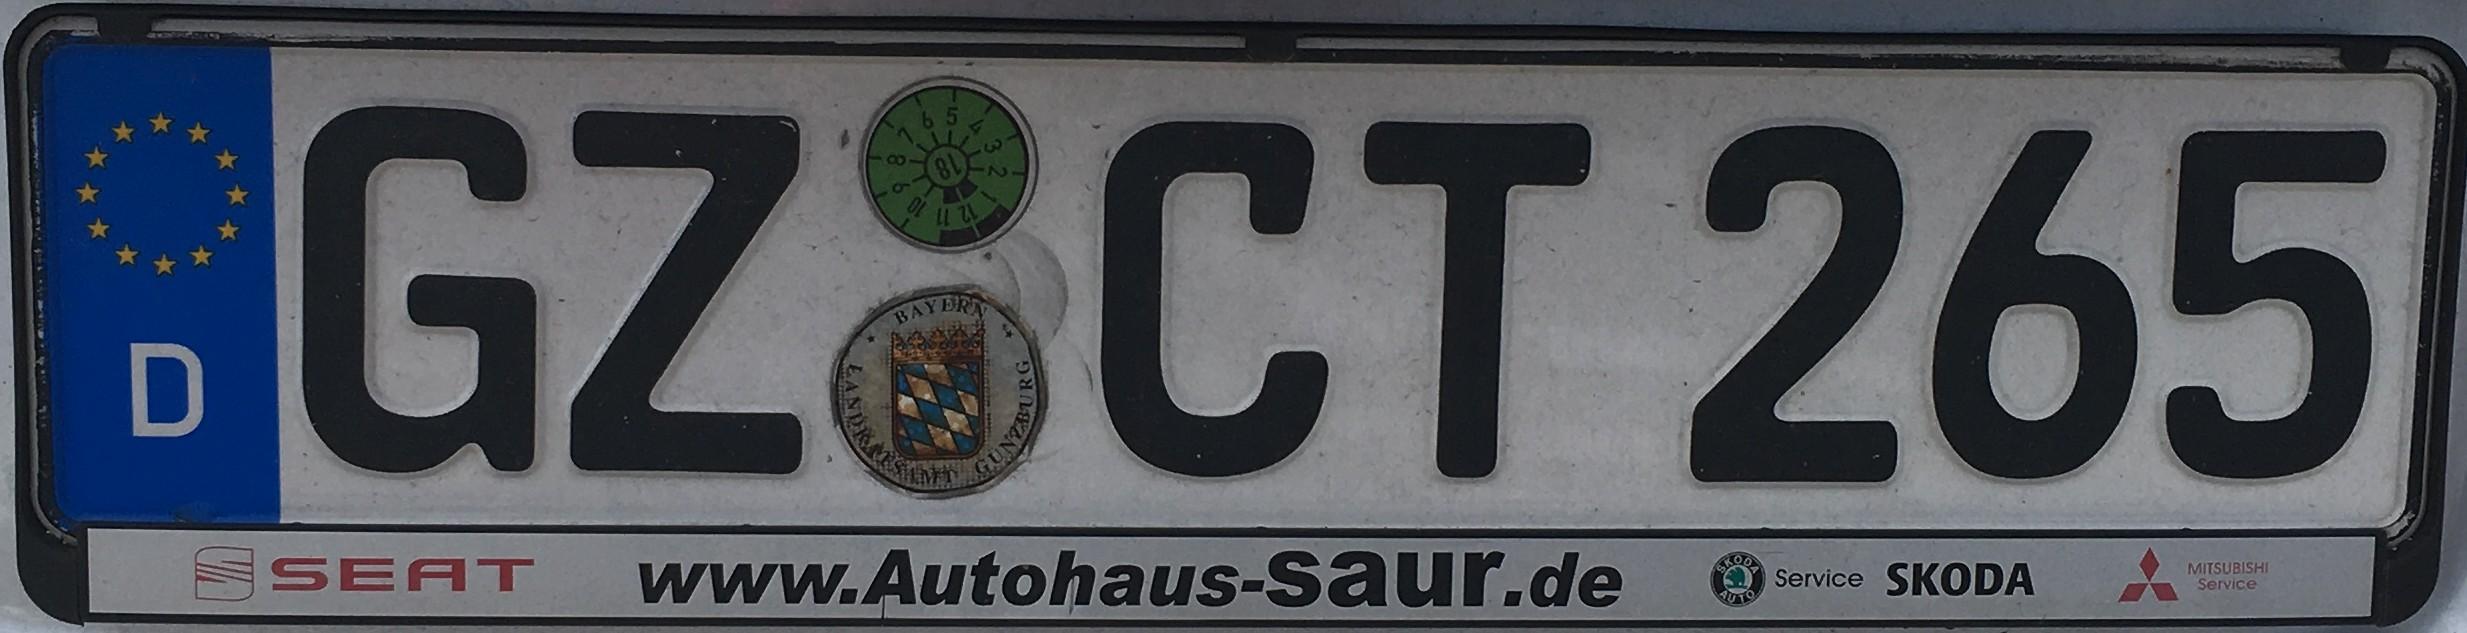 Registrační značky Německo - GZ - Günzburg, foto: vlastní